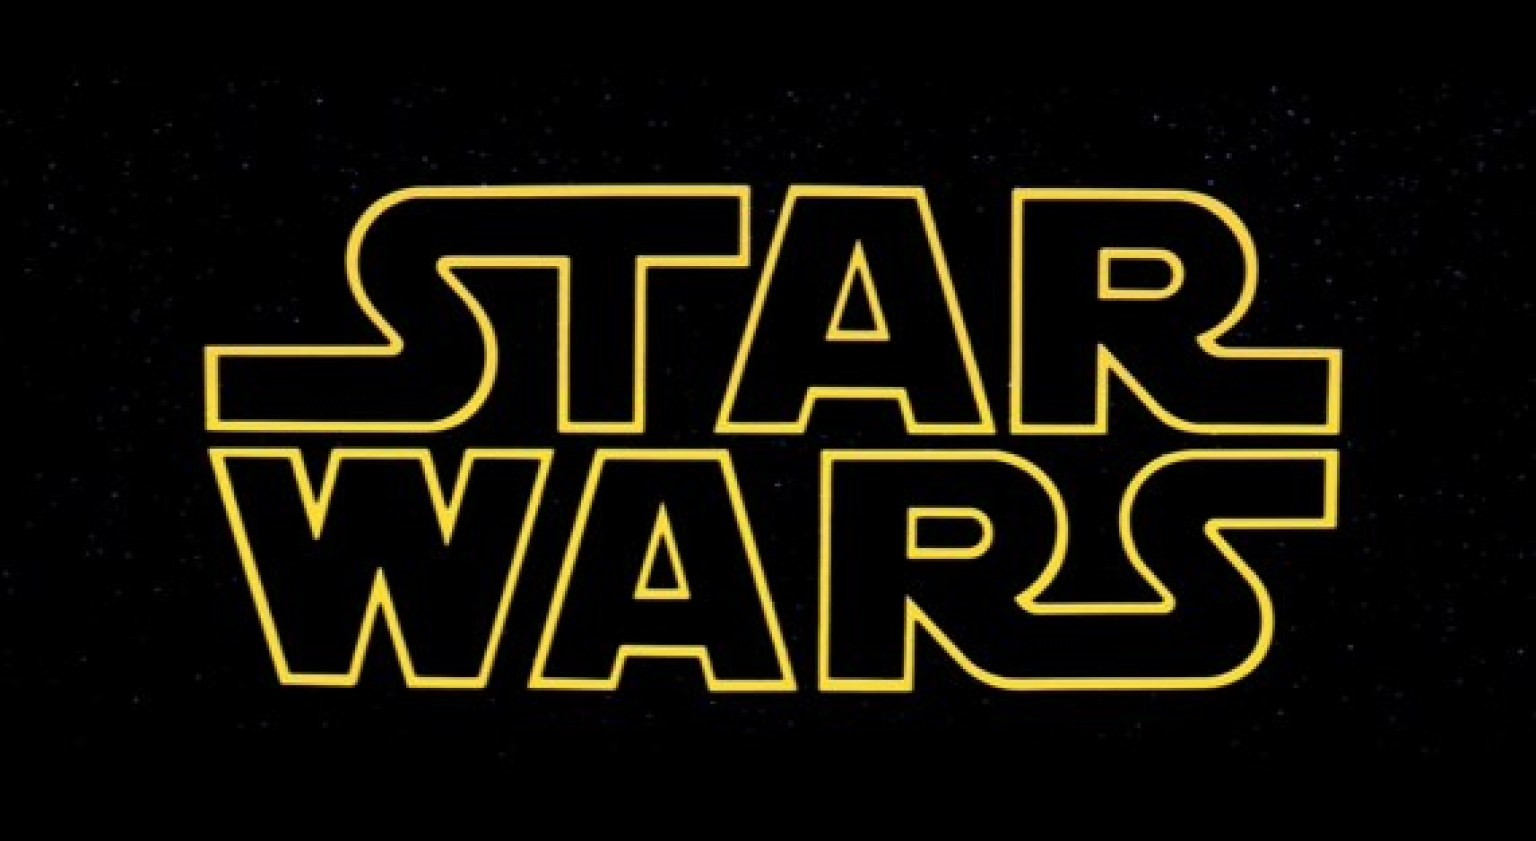 o-star-wars-episode-vii-title-facebook